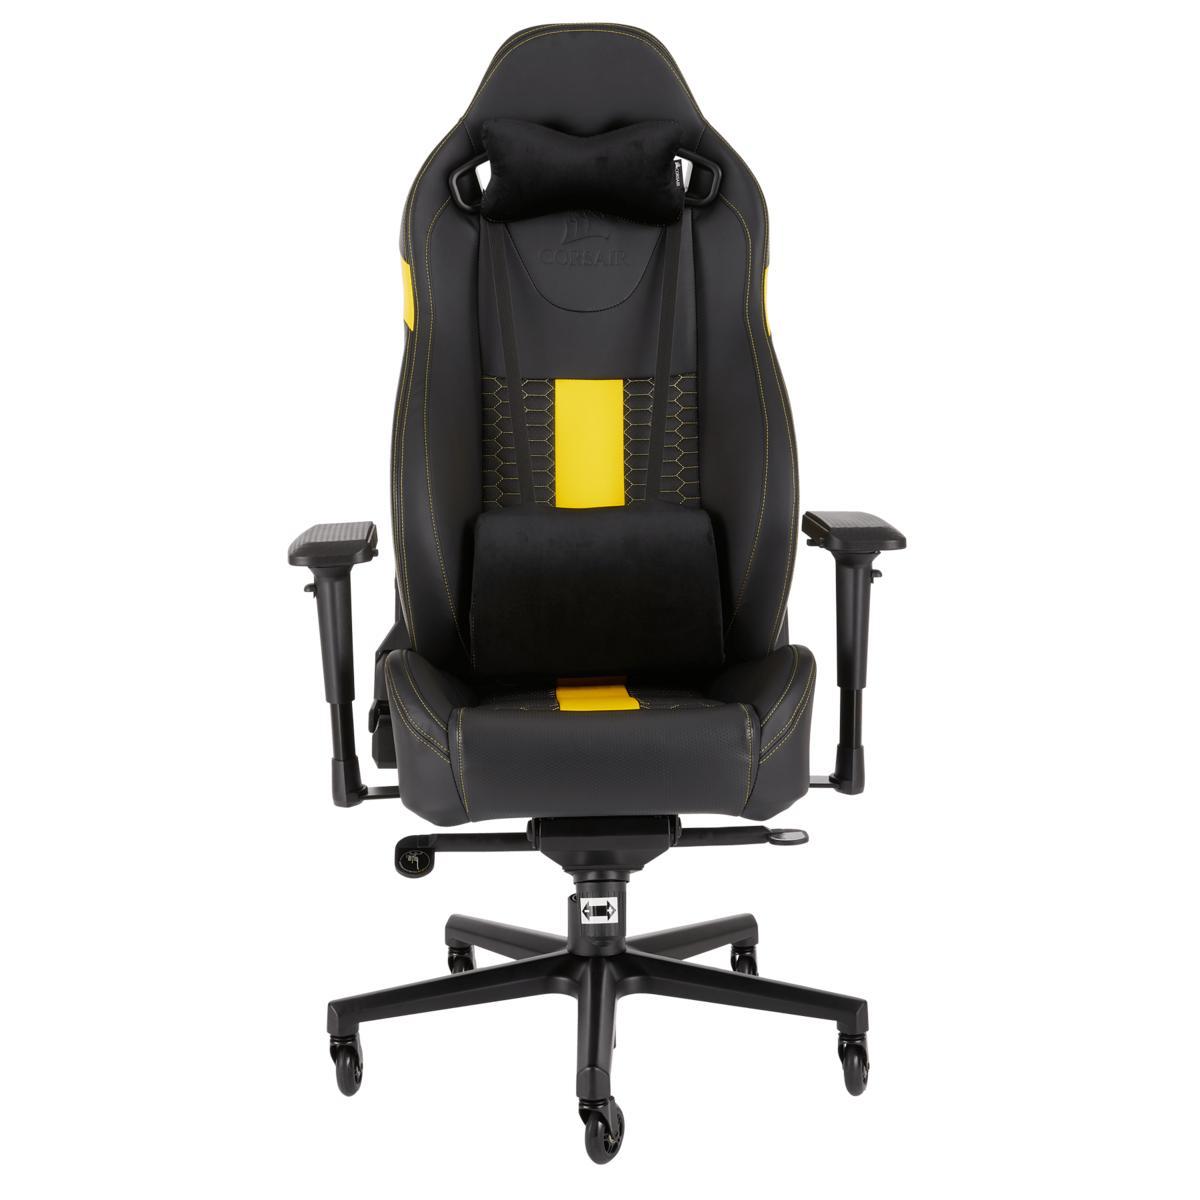 Corsair CS-CF-9010010-WW T2 ROAD WARRIOR Gaming Chair